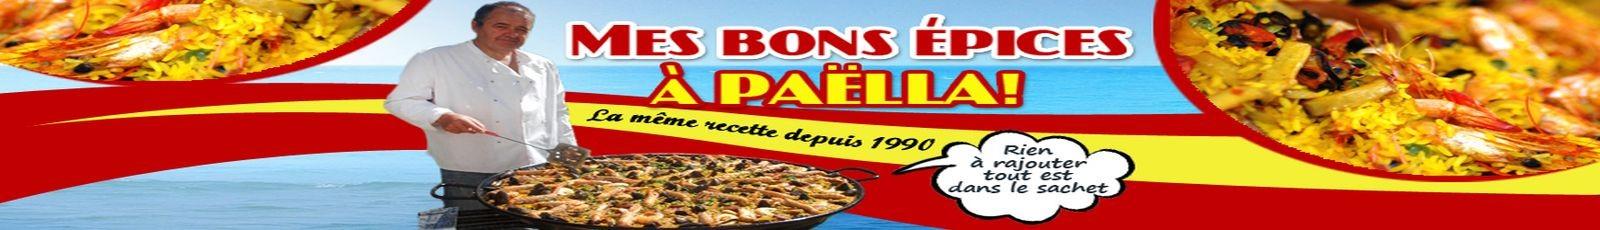 Recette paella au safran recette vraie paella espagnole - Cuisiner pour une personne ...